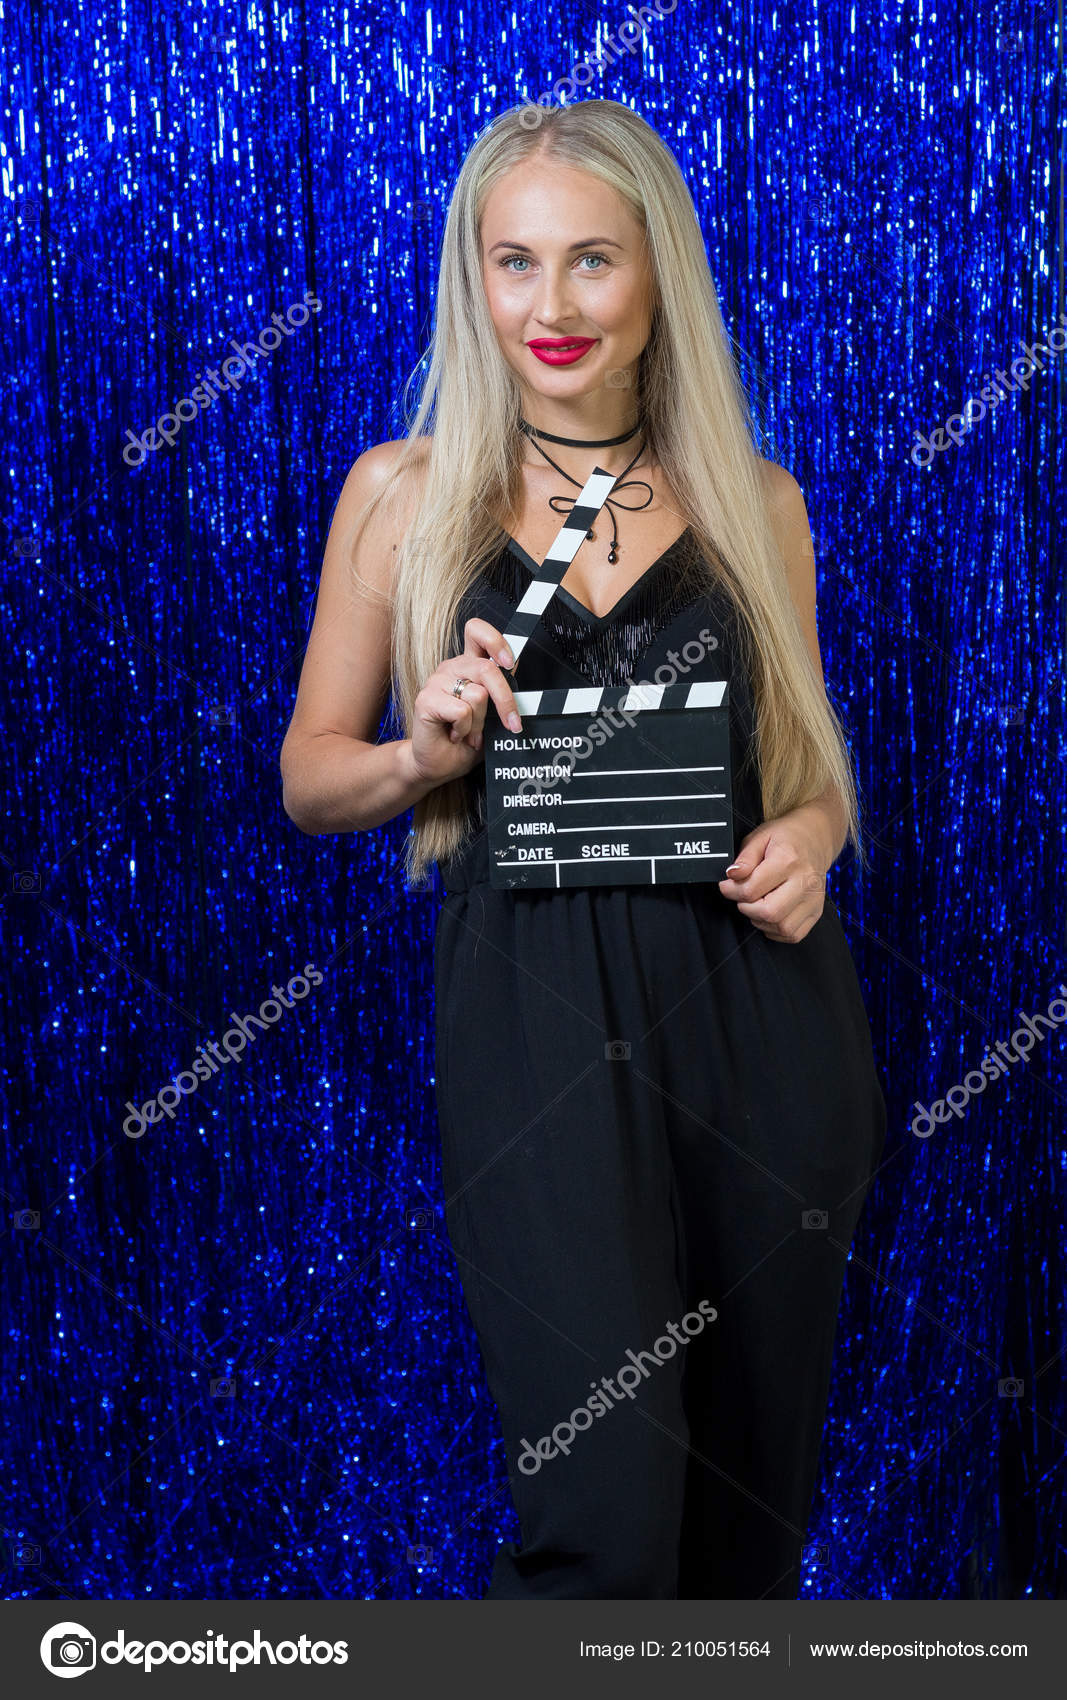 Сексуальная голубоглазая блондинка